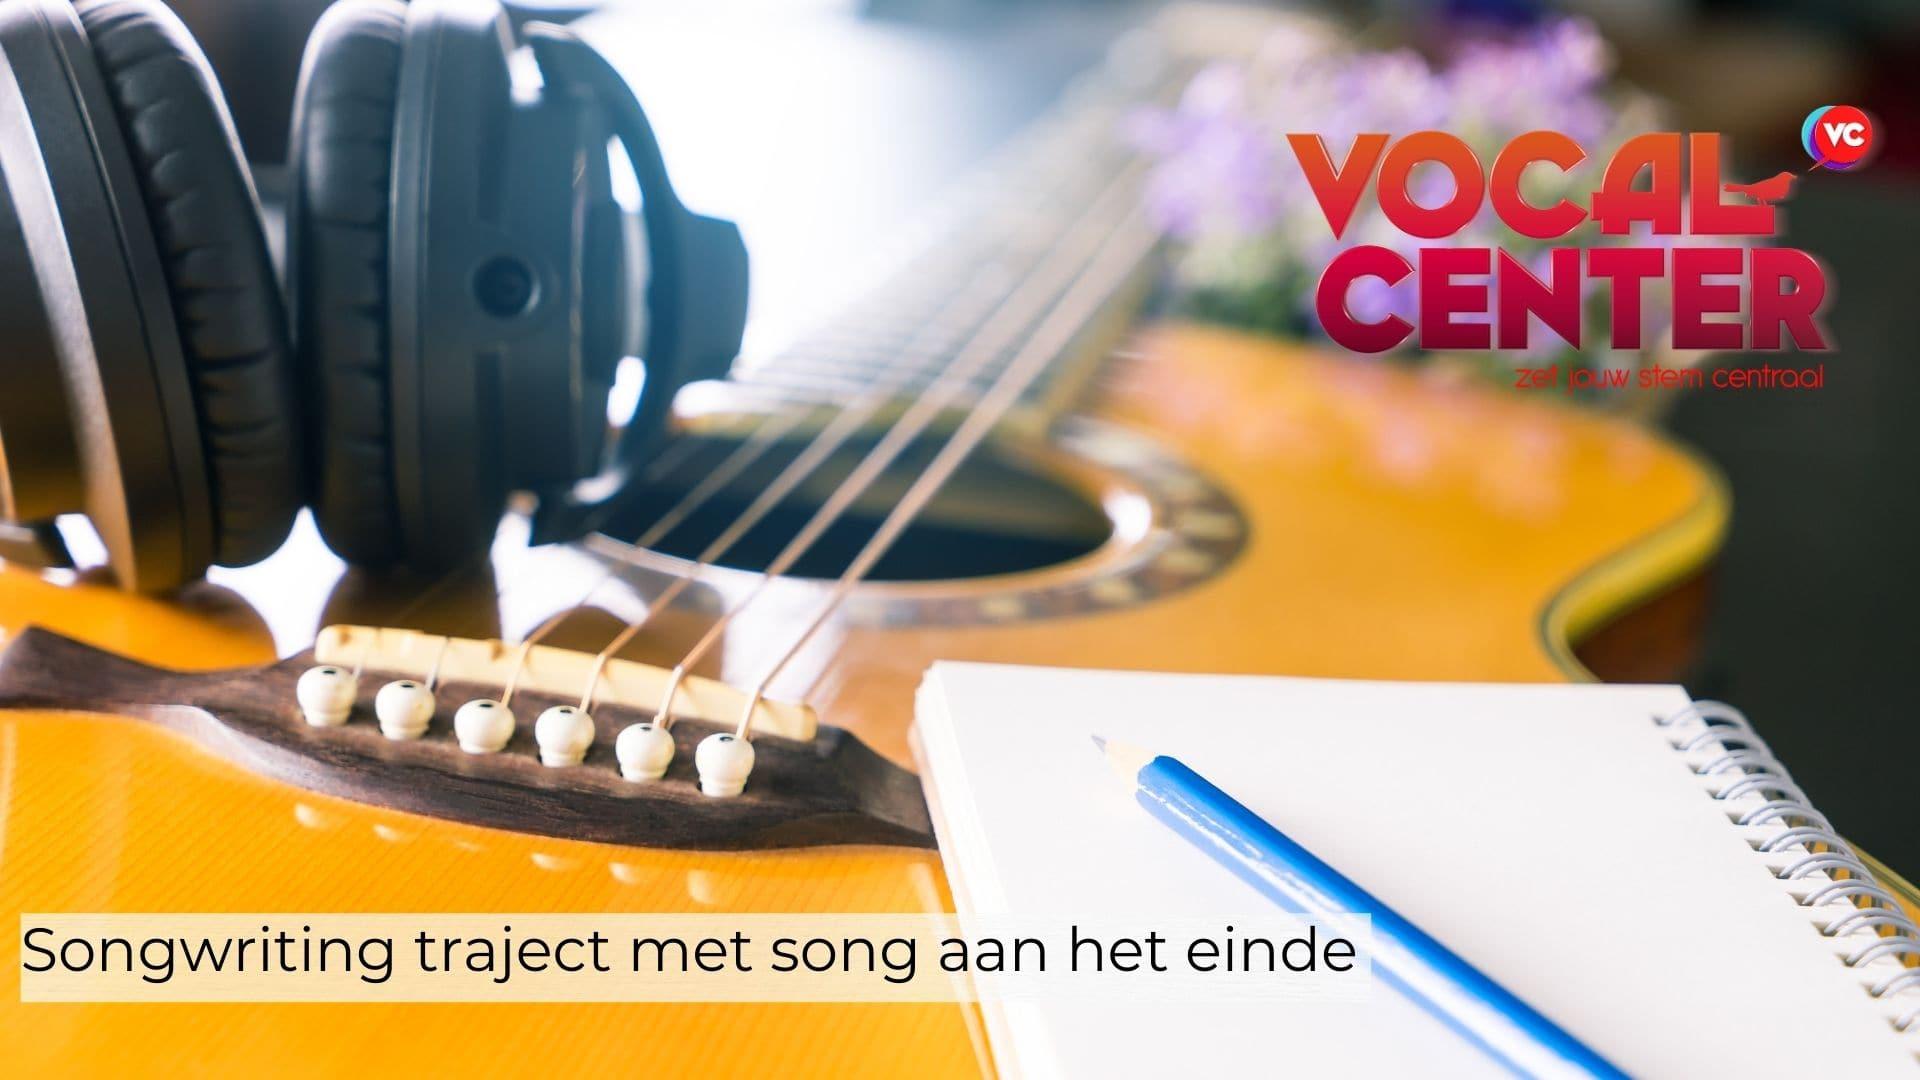 Wil je een liedje leren schrijven? Songwriting leren? Dat kan